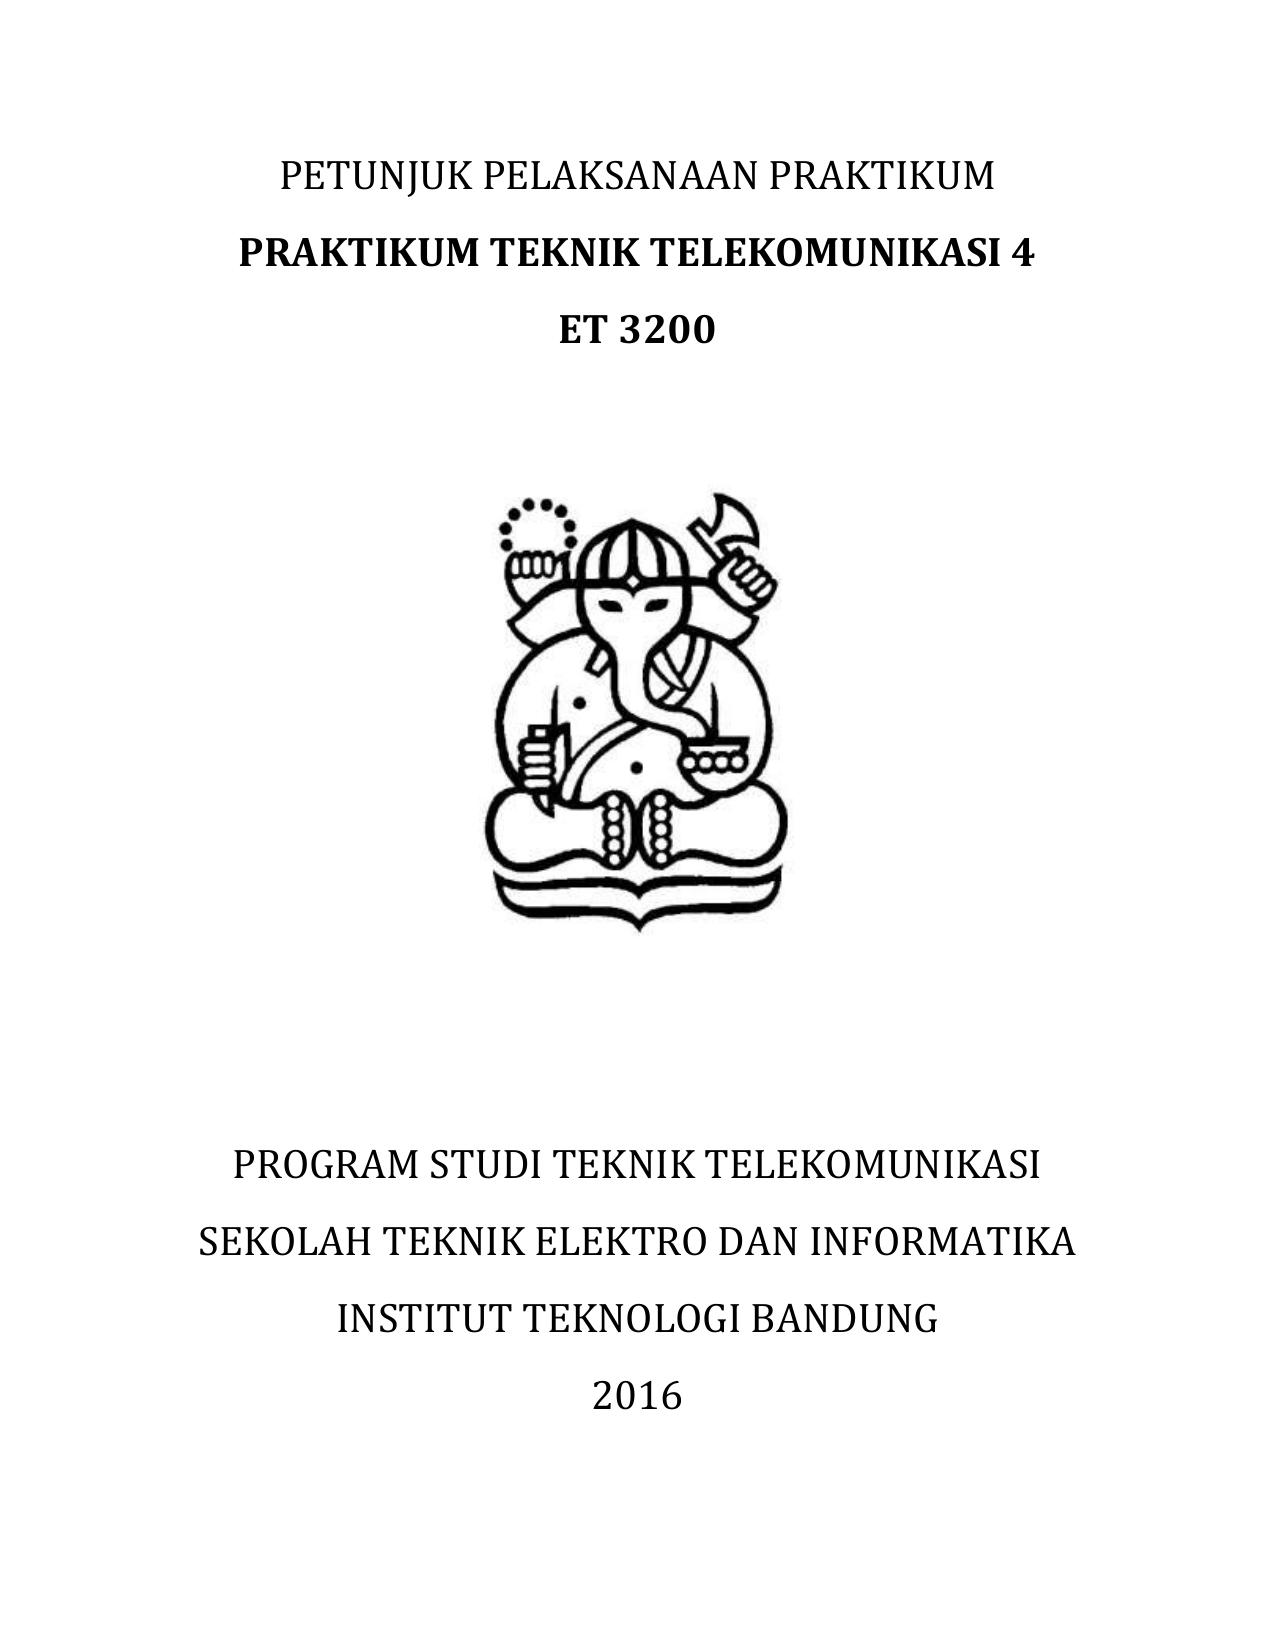 Tugas Pendahuluan Dan Laporan Praktikum Ltrgm Itb